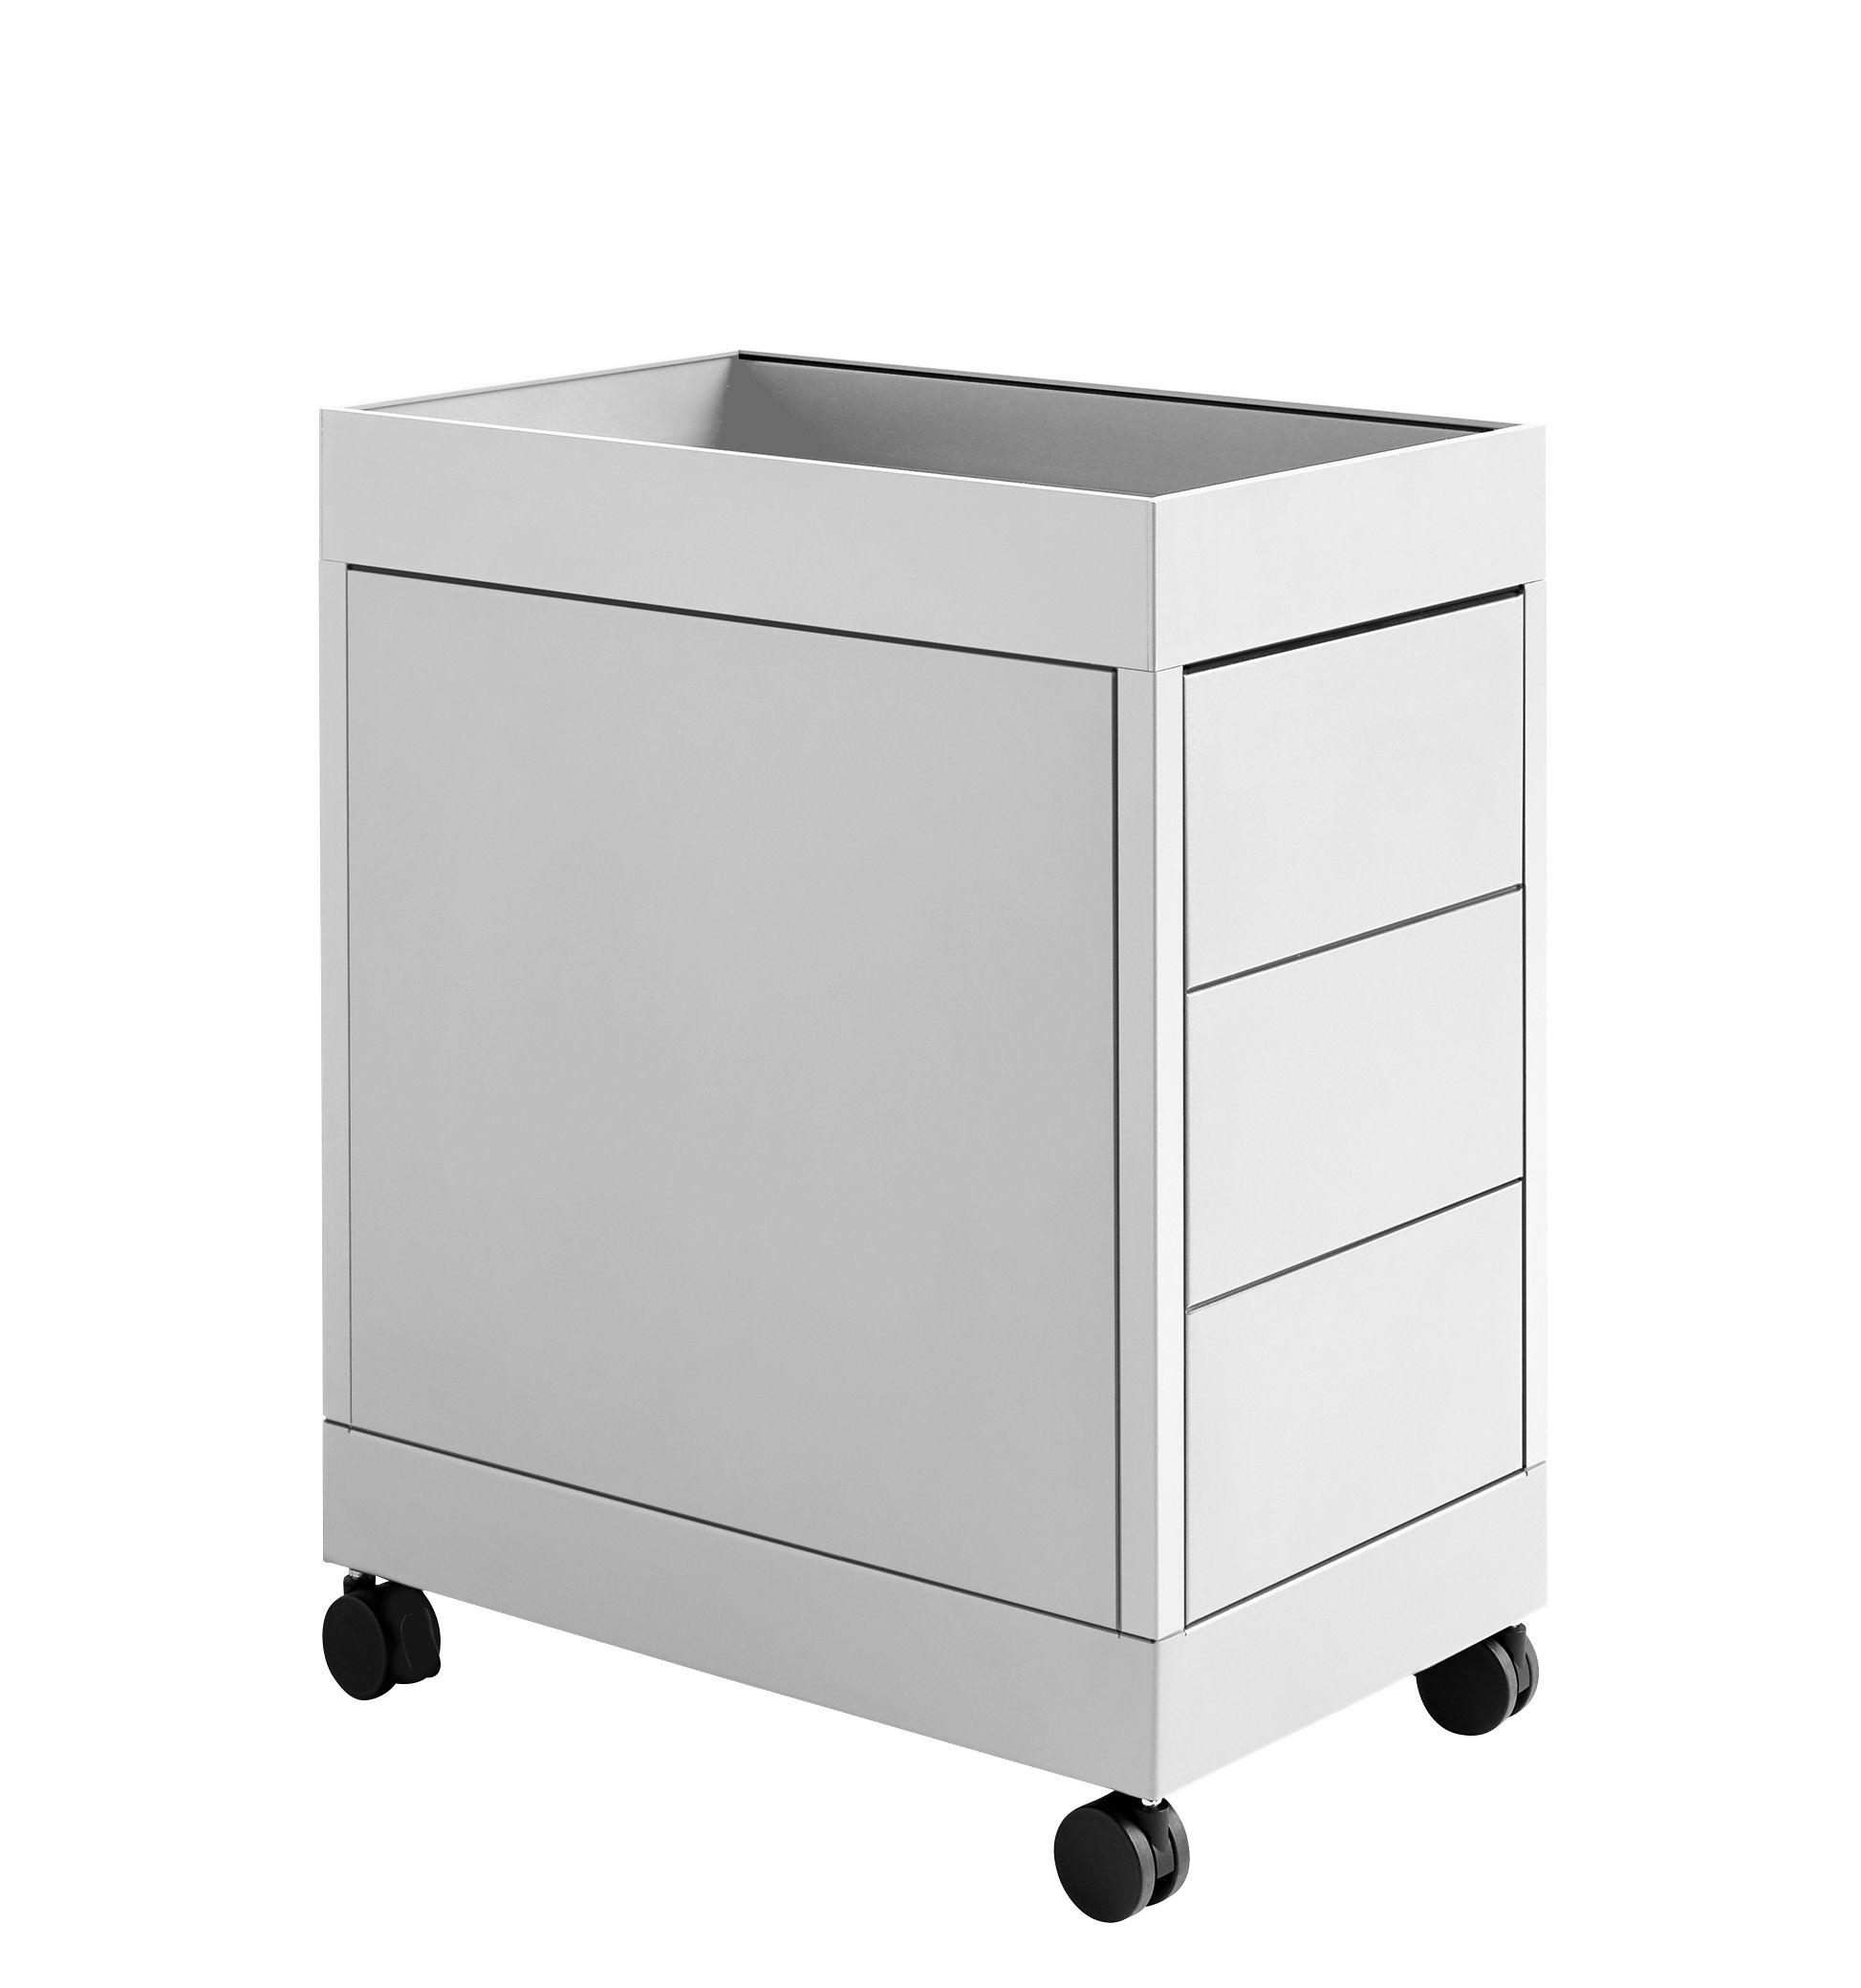 Mobilier - Meubles de rangement - Caisson à roulettes New Order / 3 tiroirs - Hay - Gris clair - Acier laqué